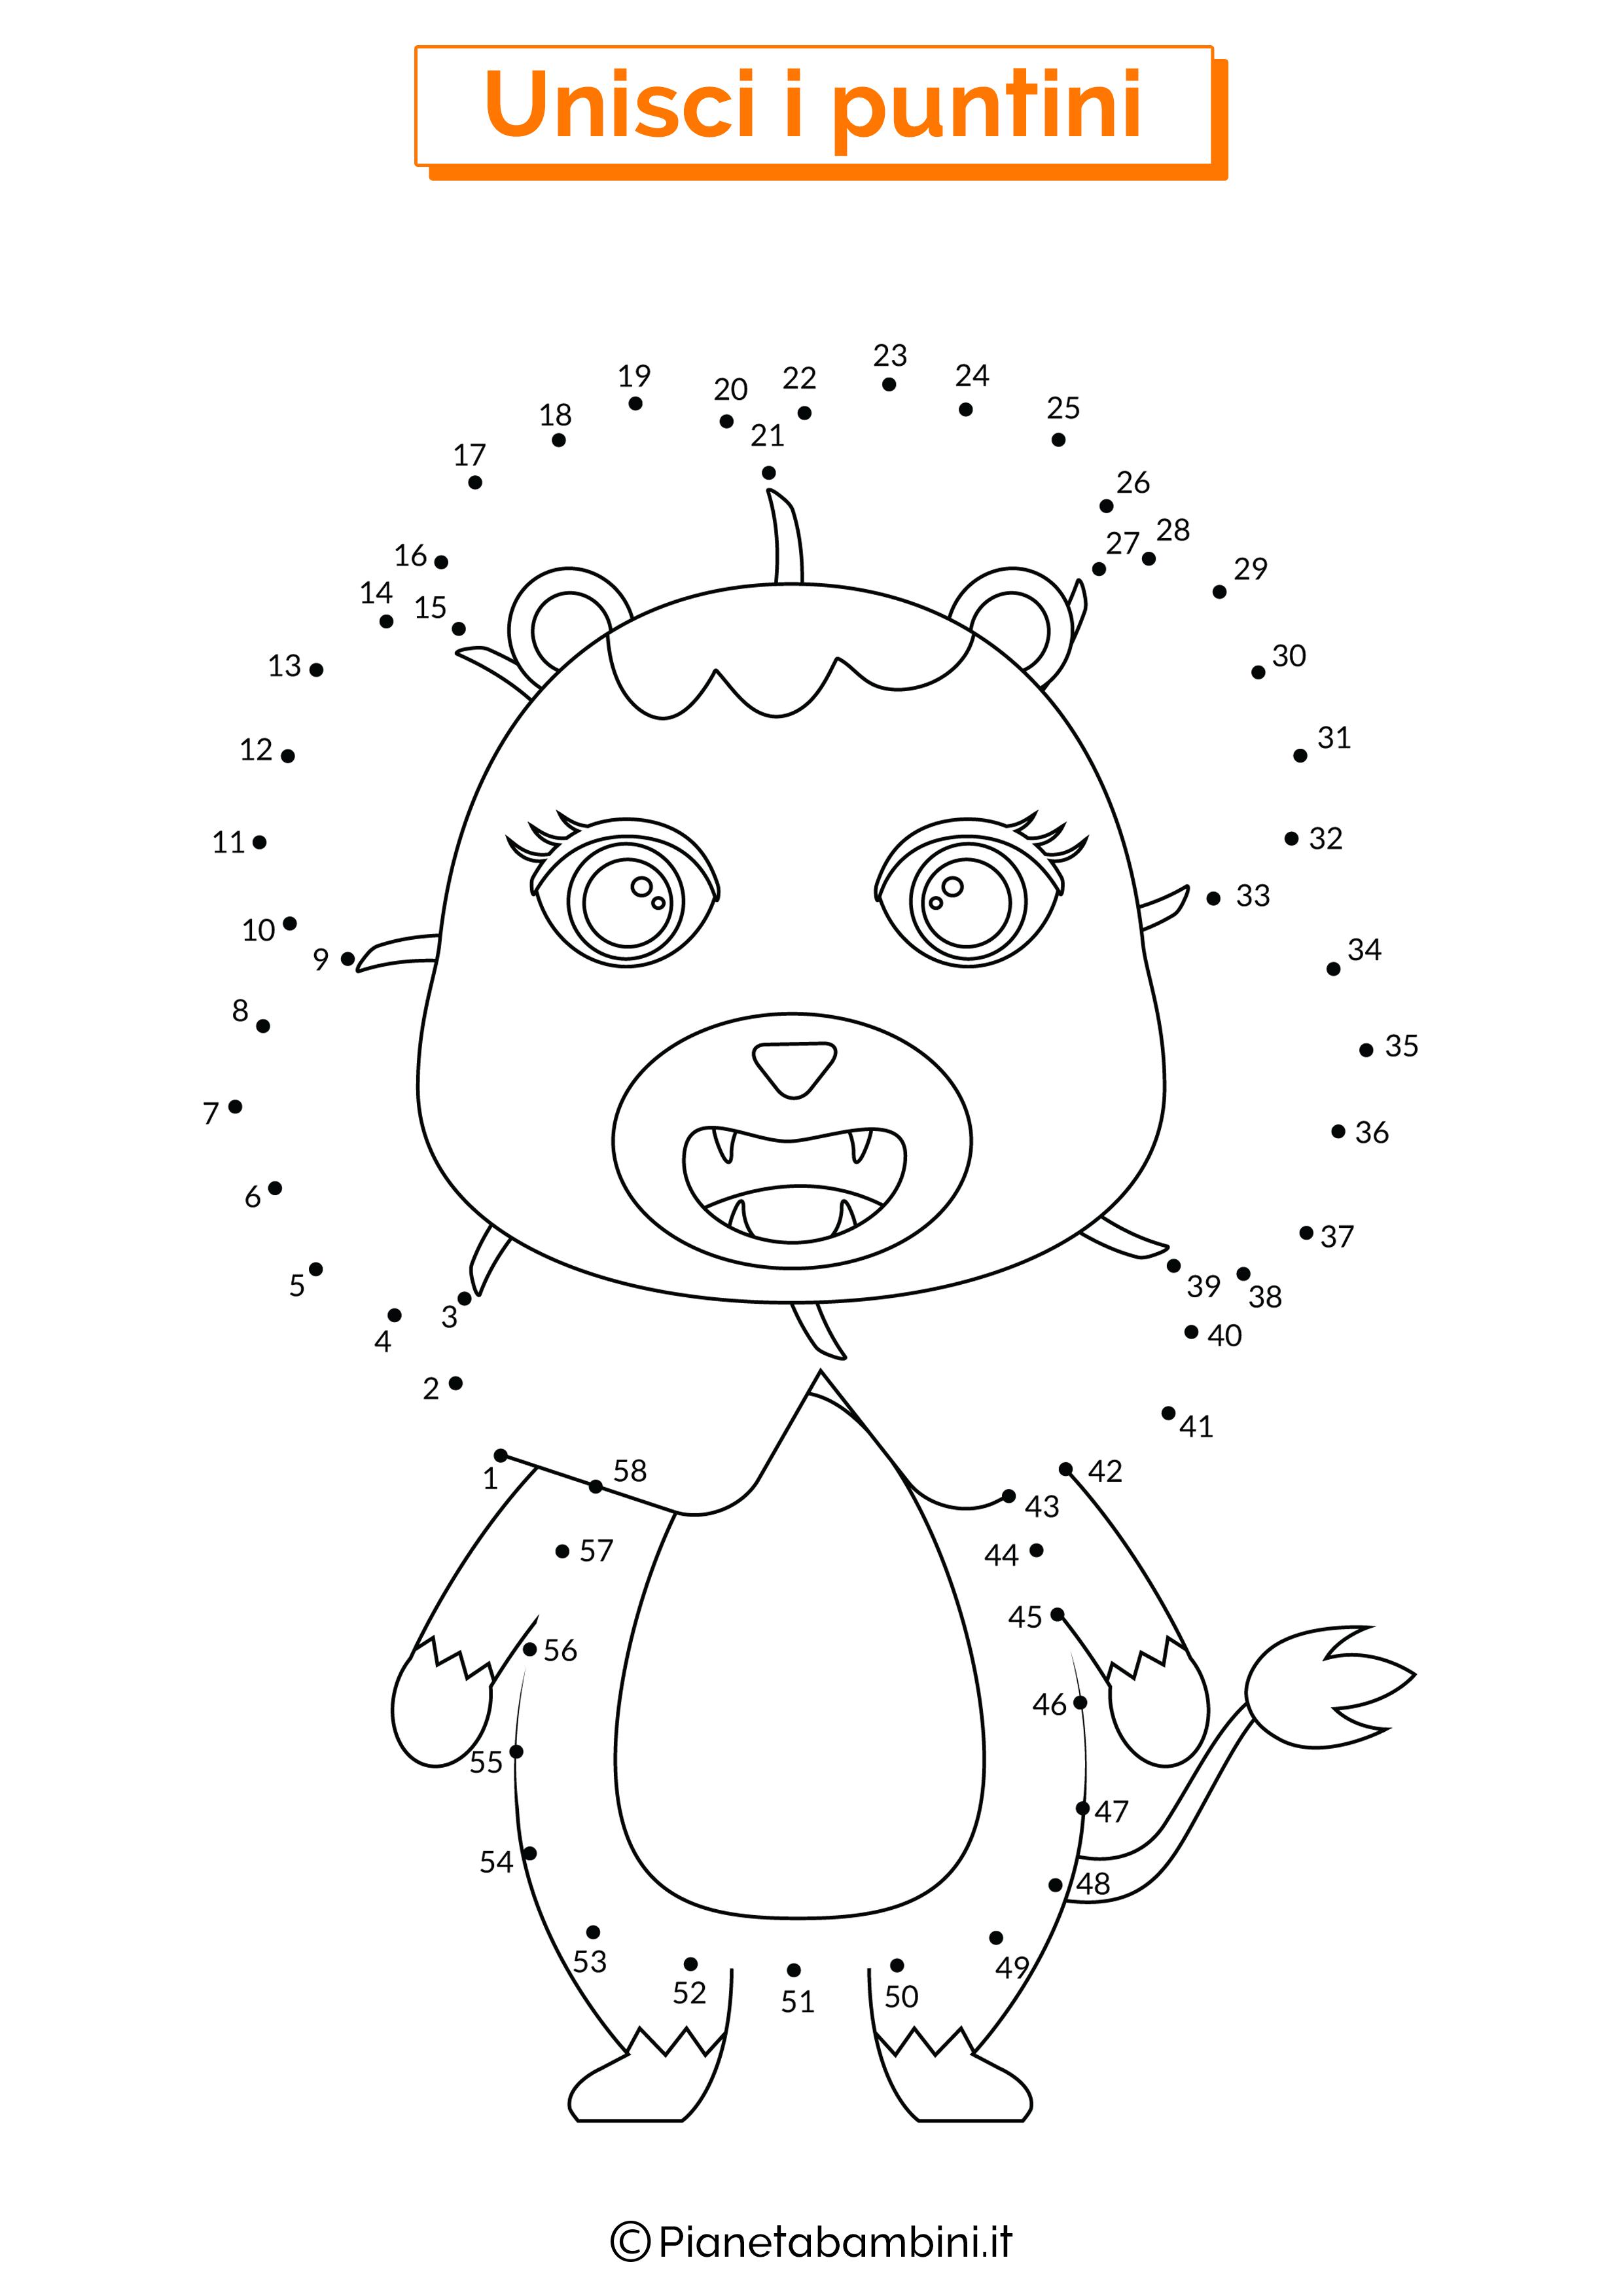 Disegno unisci i puntini da 1 a 50 leone